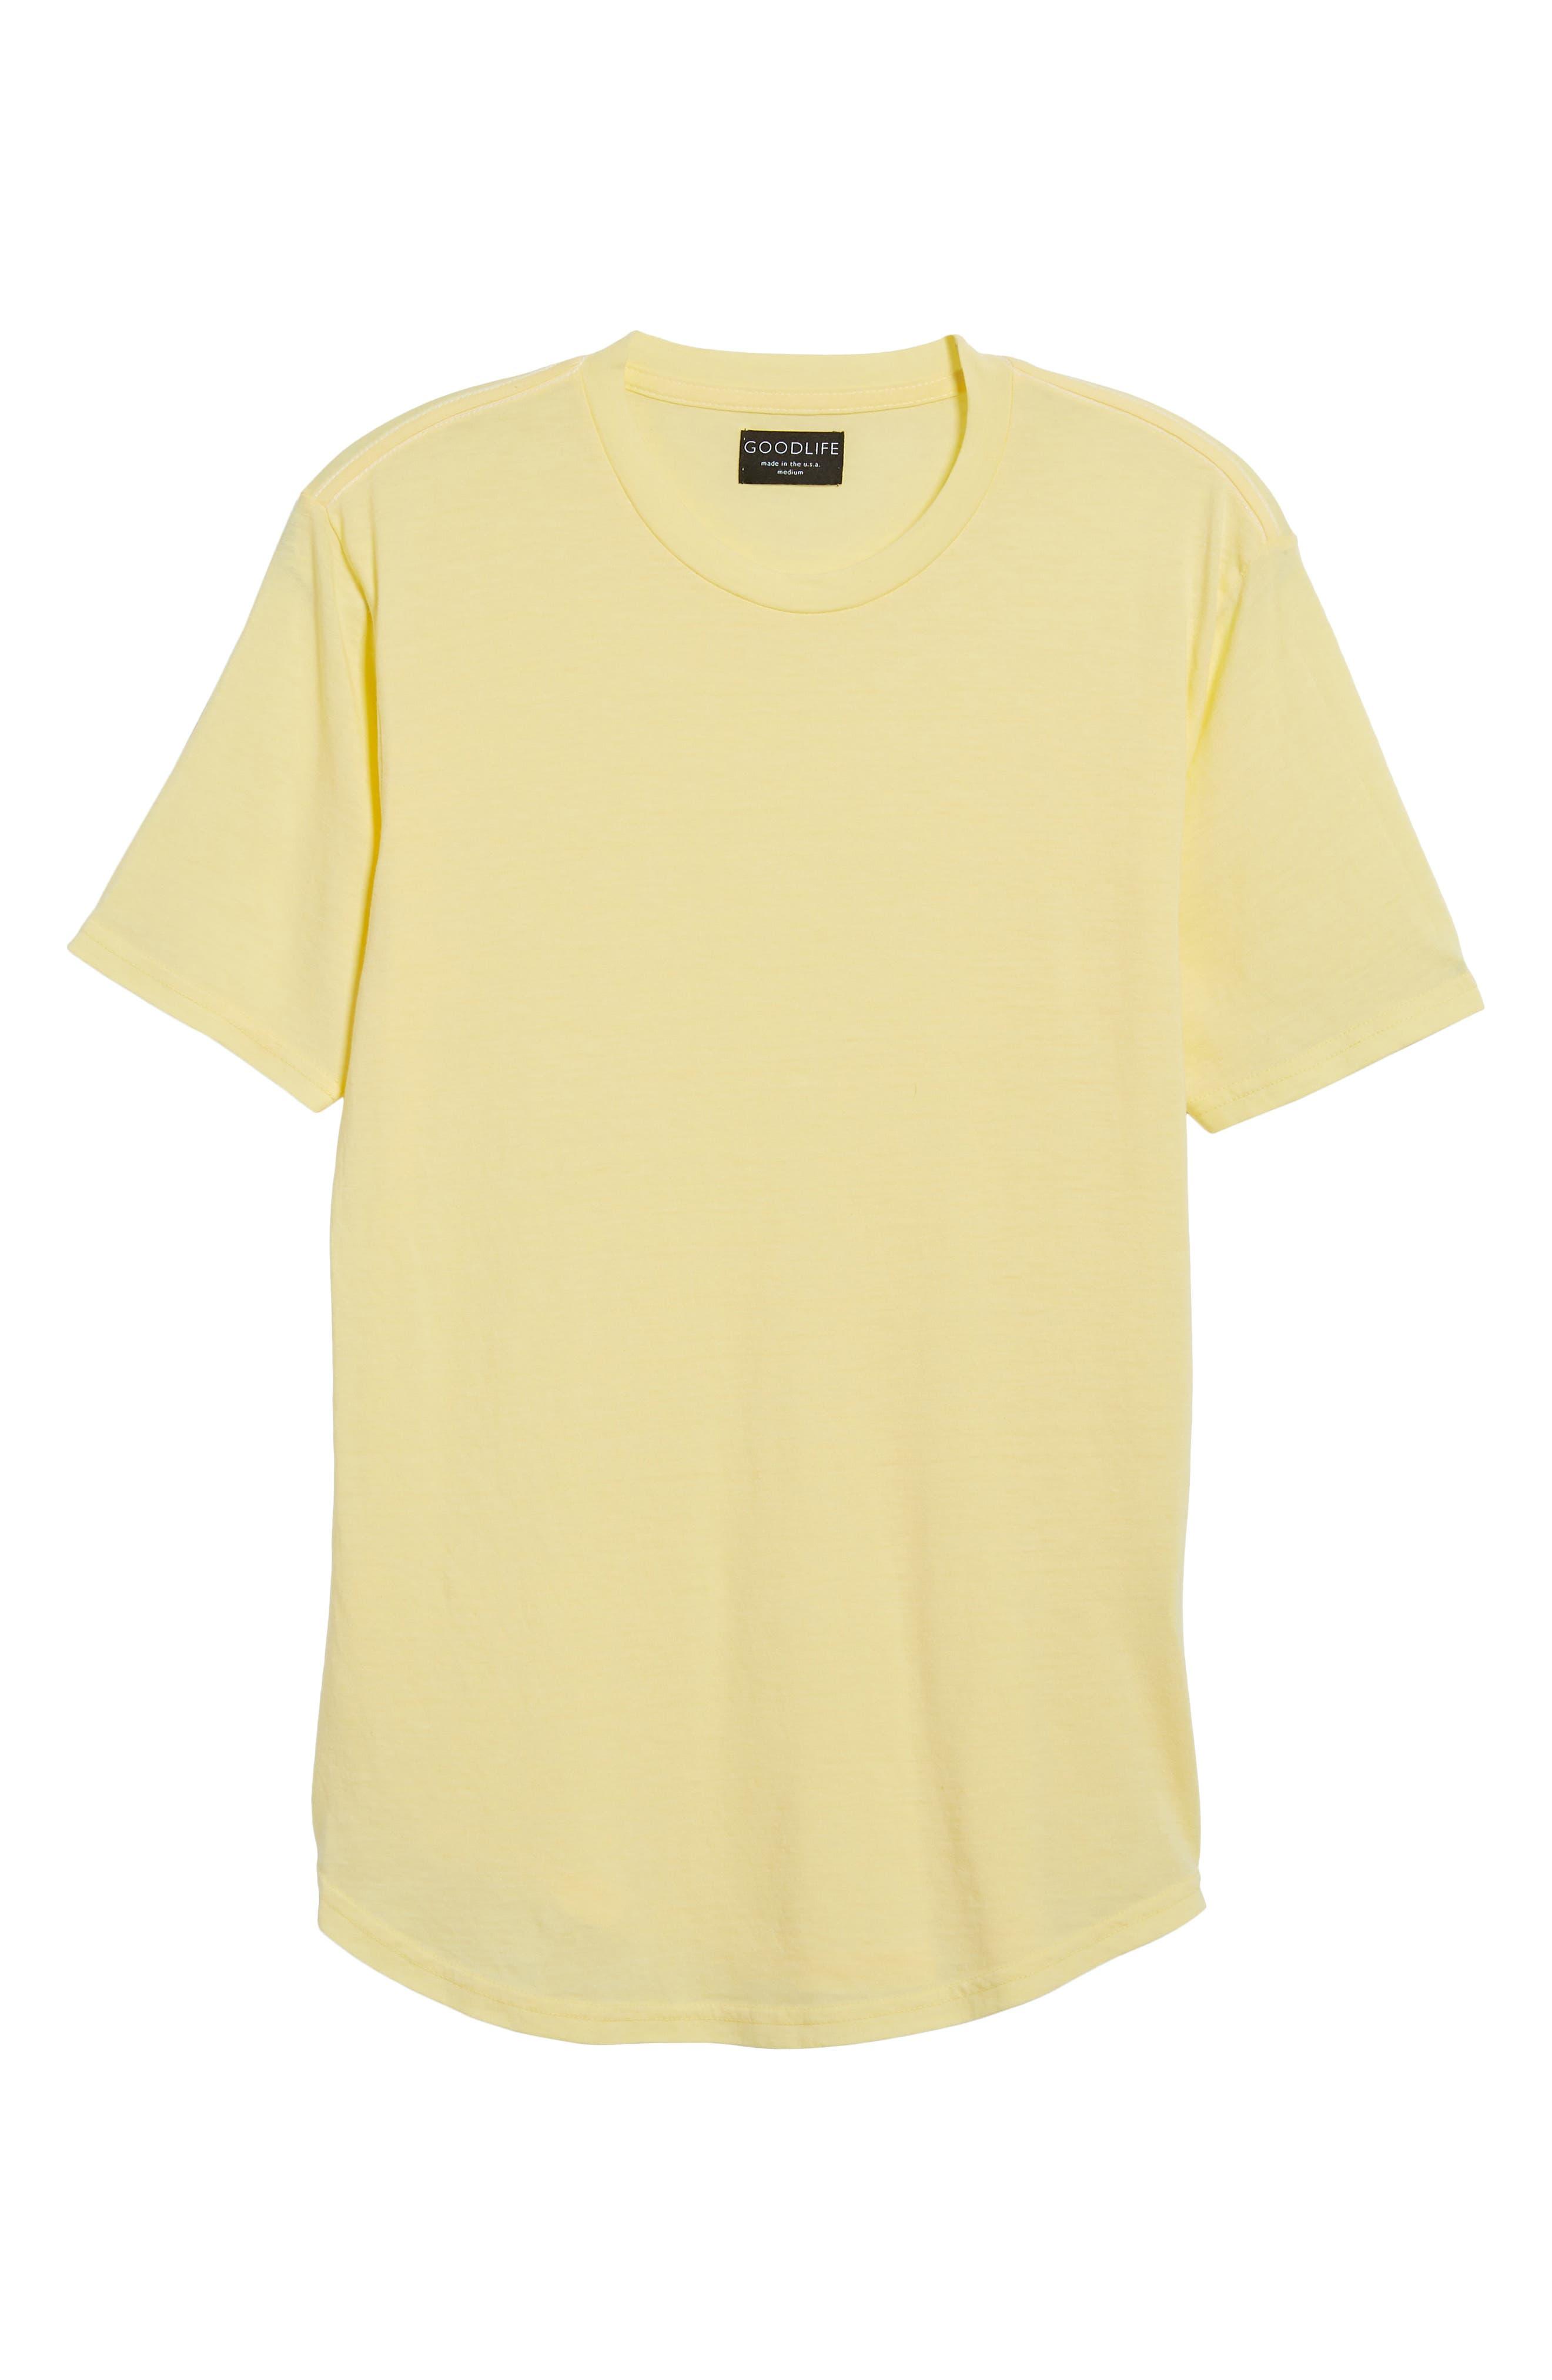 Goodlife Crewneck T-Shirt